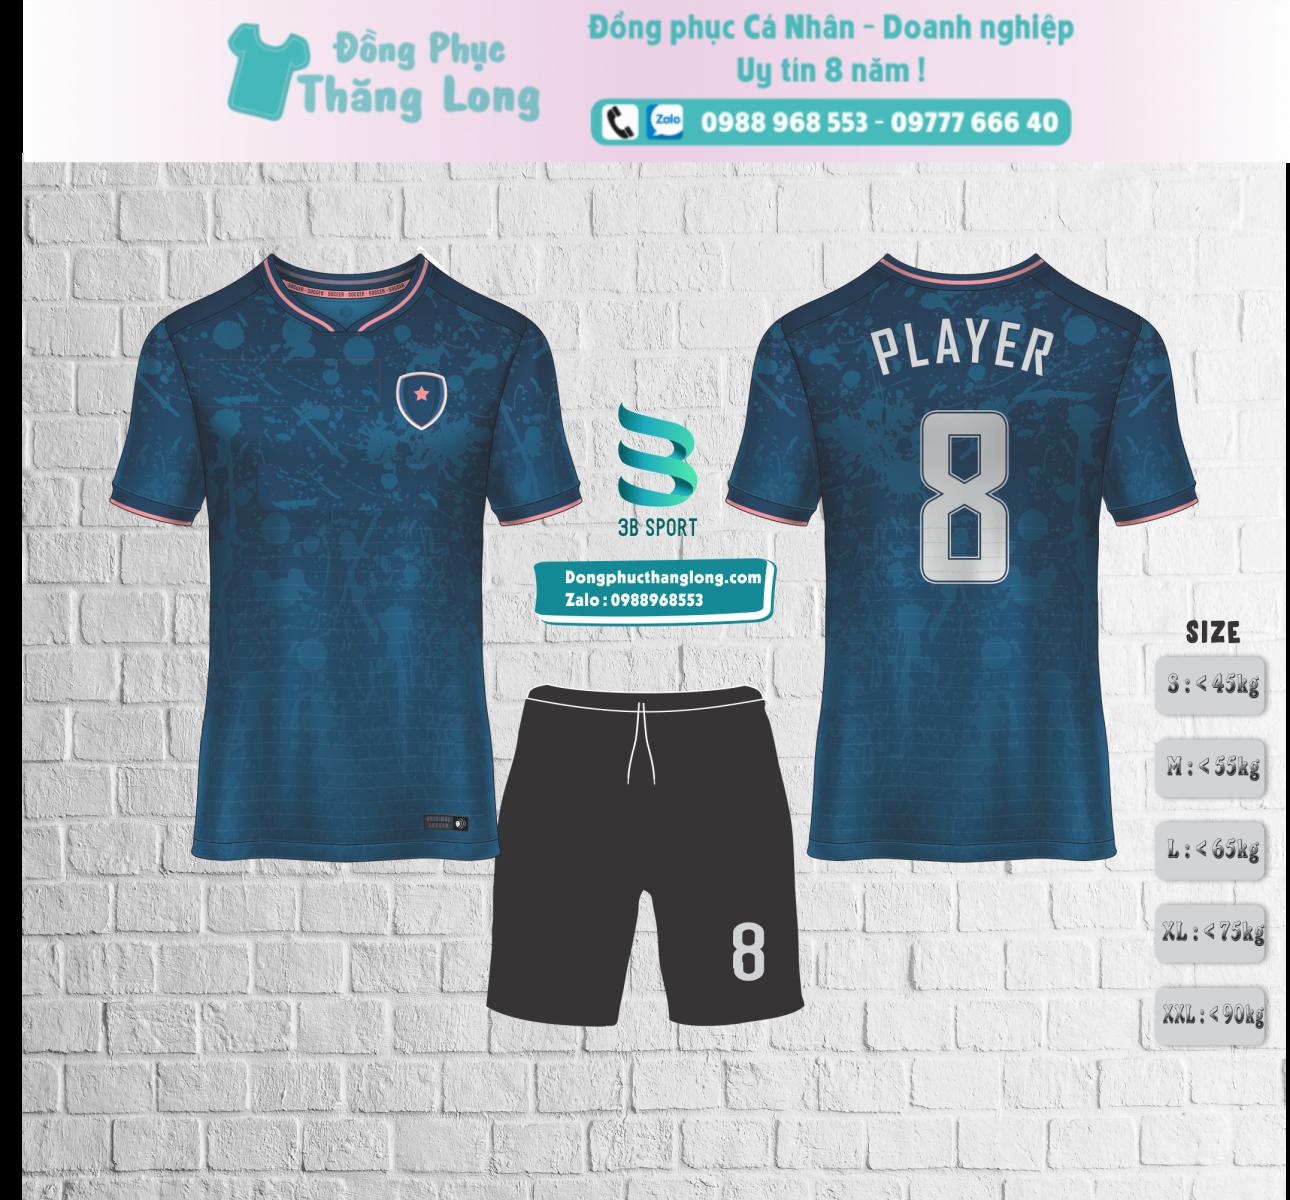 Áo bóng đá thiết kế mã số 0001